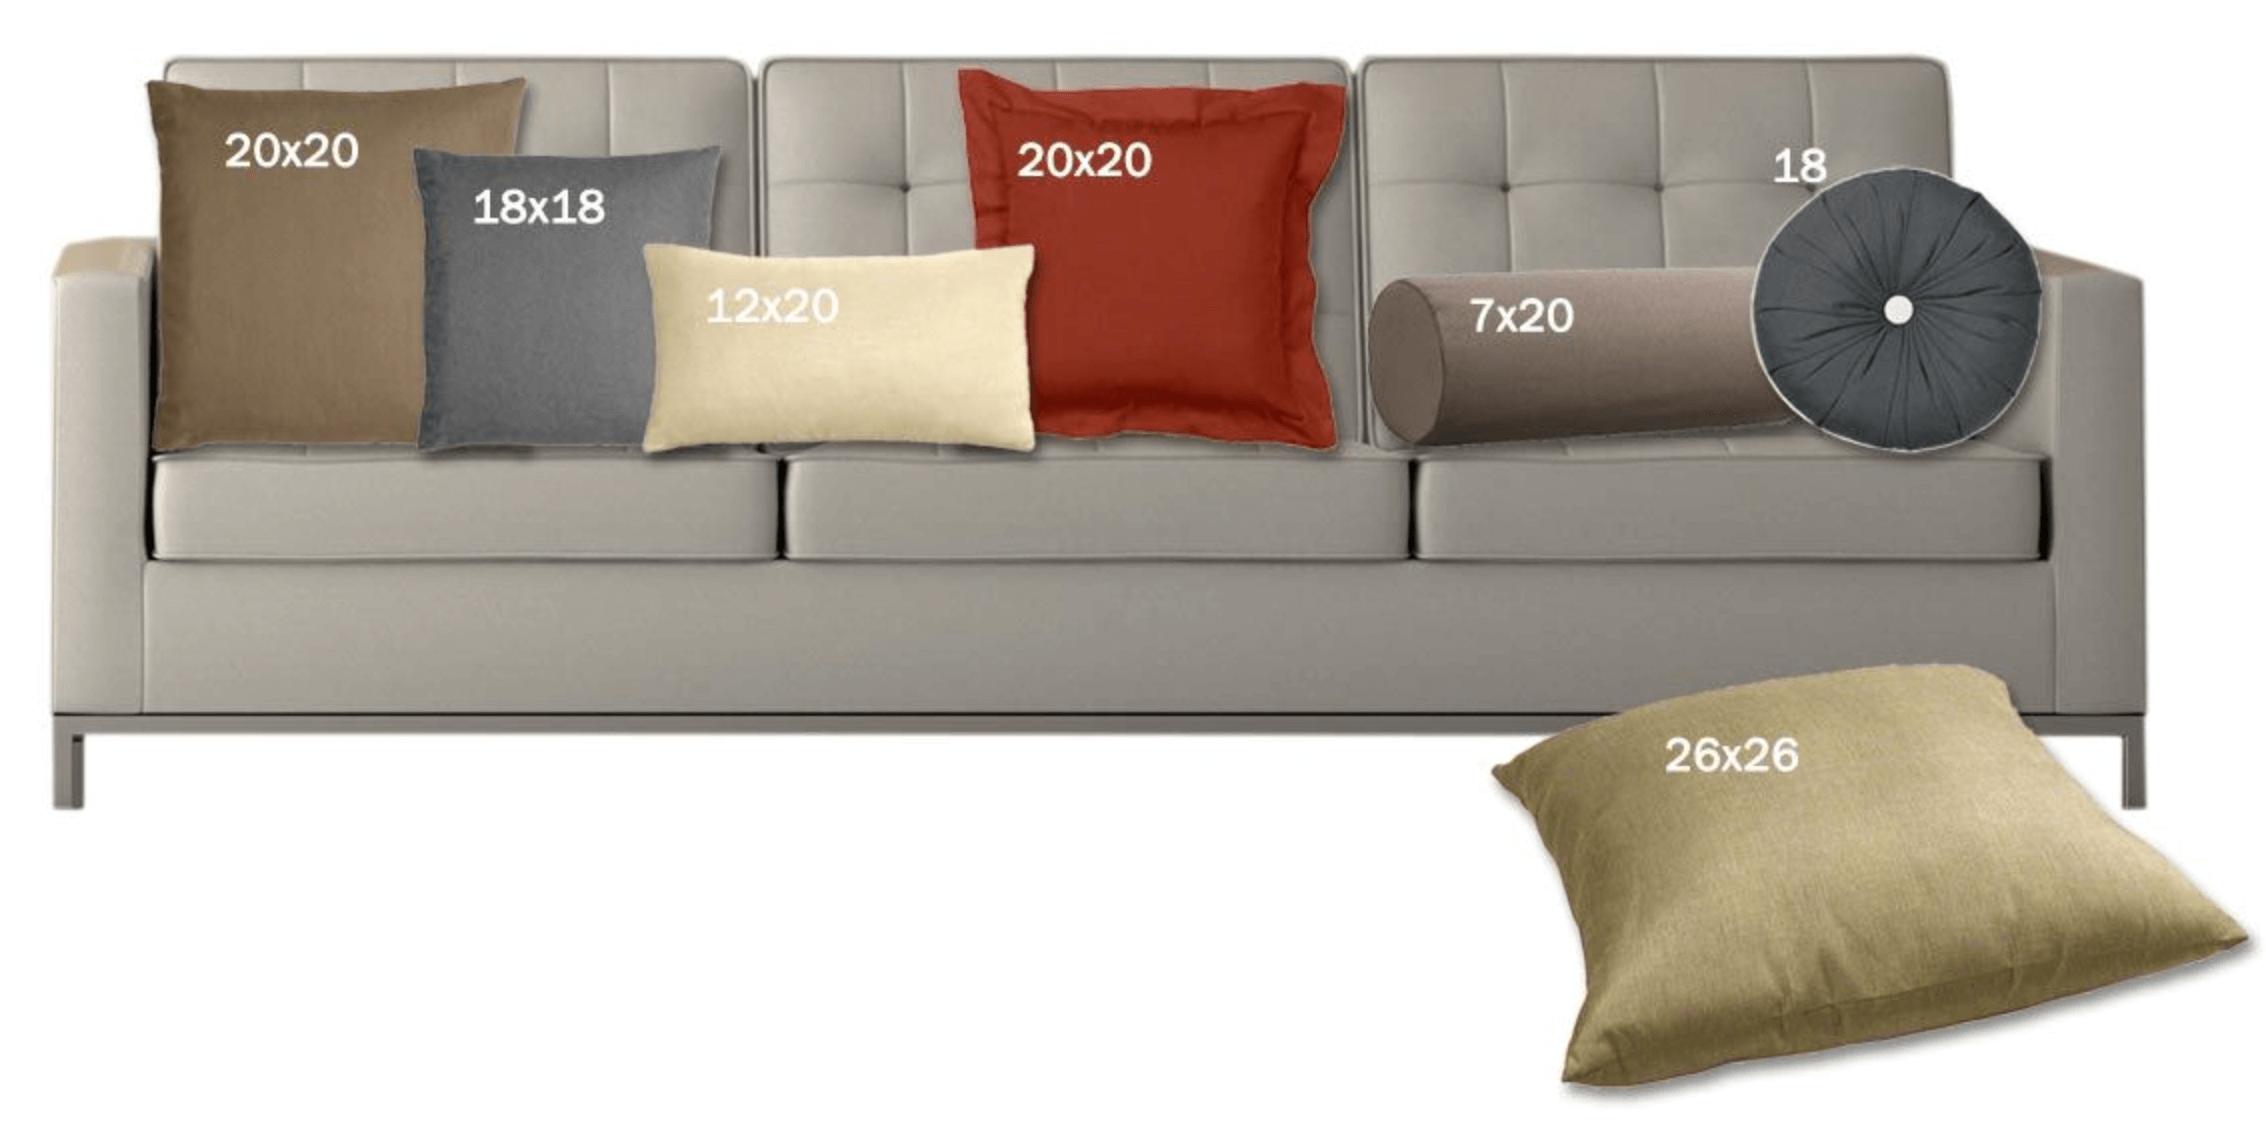 Standard Throw Pillow Size